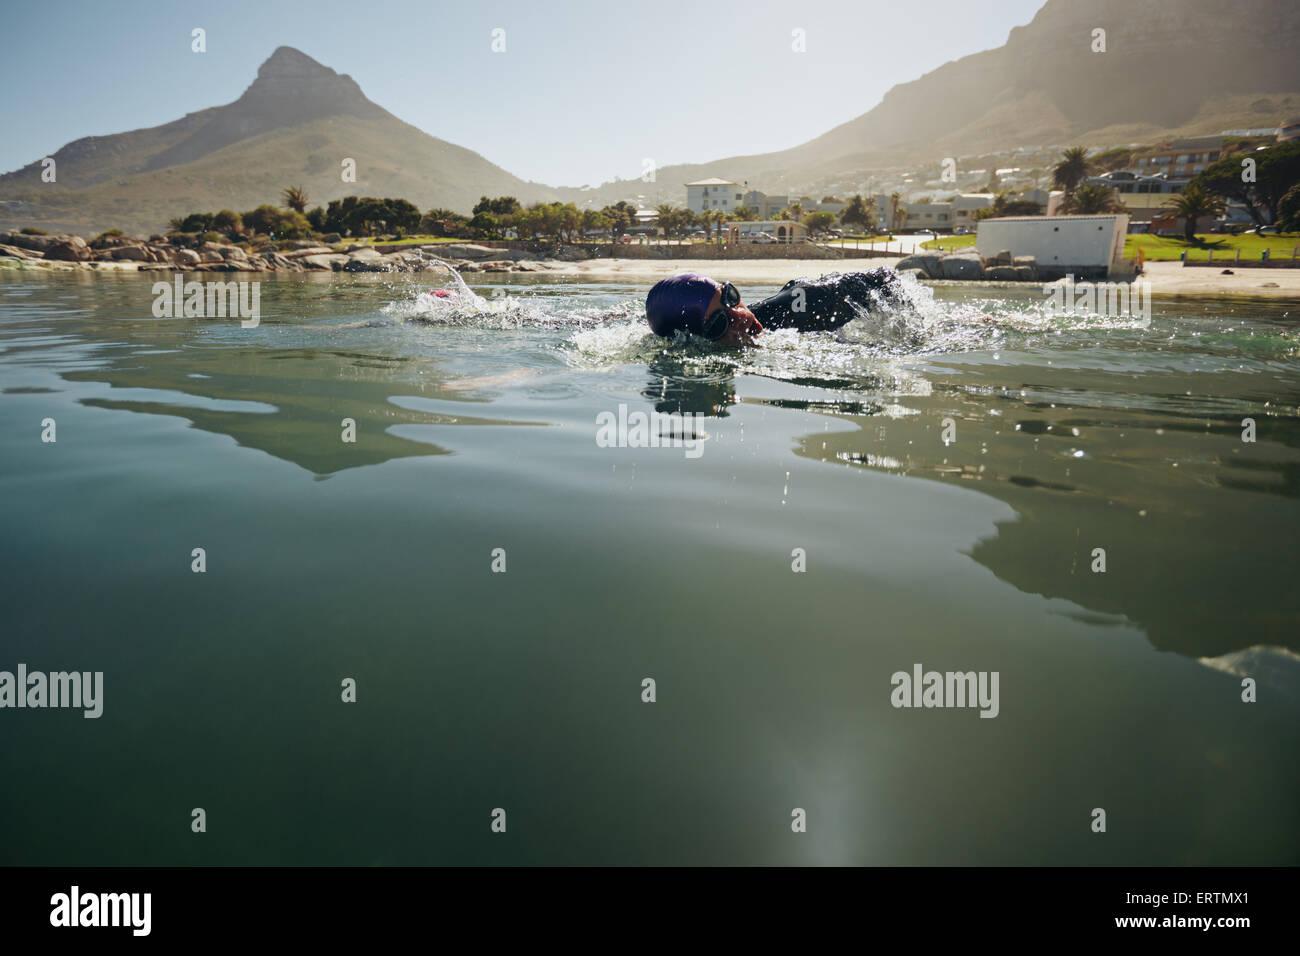 Atleta Masculino natación en aguas abiertas. Atleta practicando para la competencia de triatlón. Foto de stock